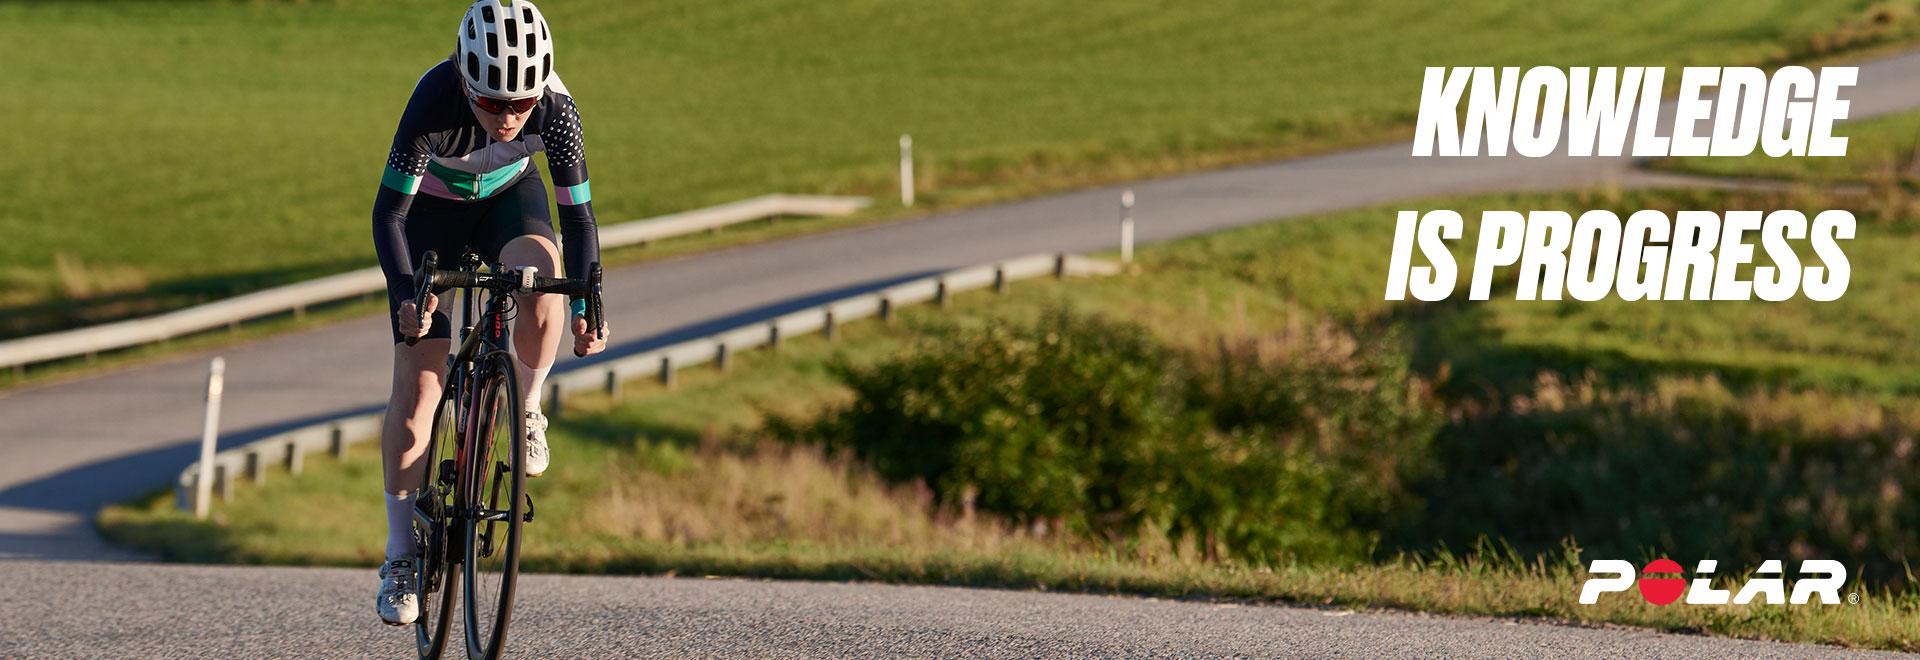 banner-cycling.jpg